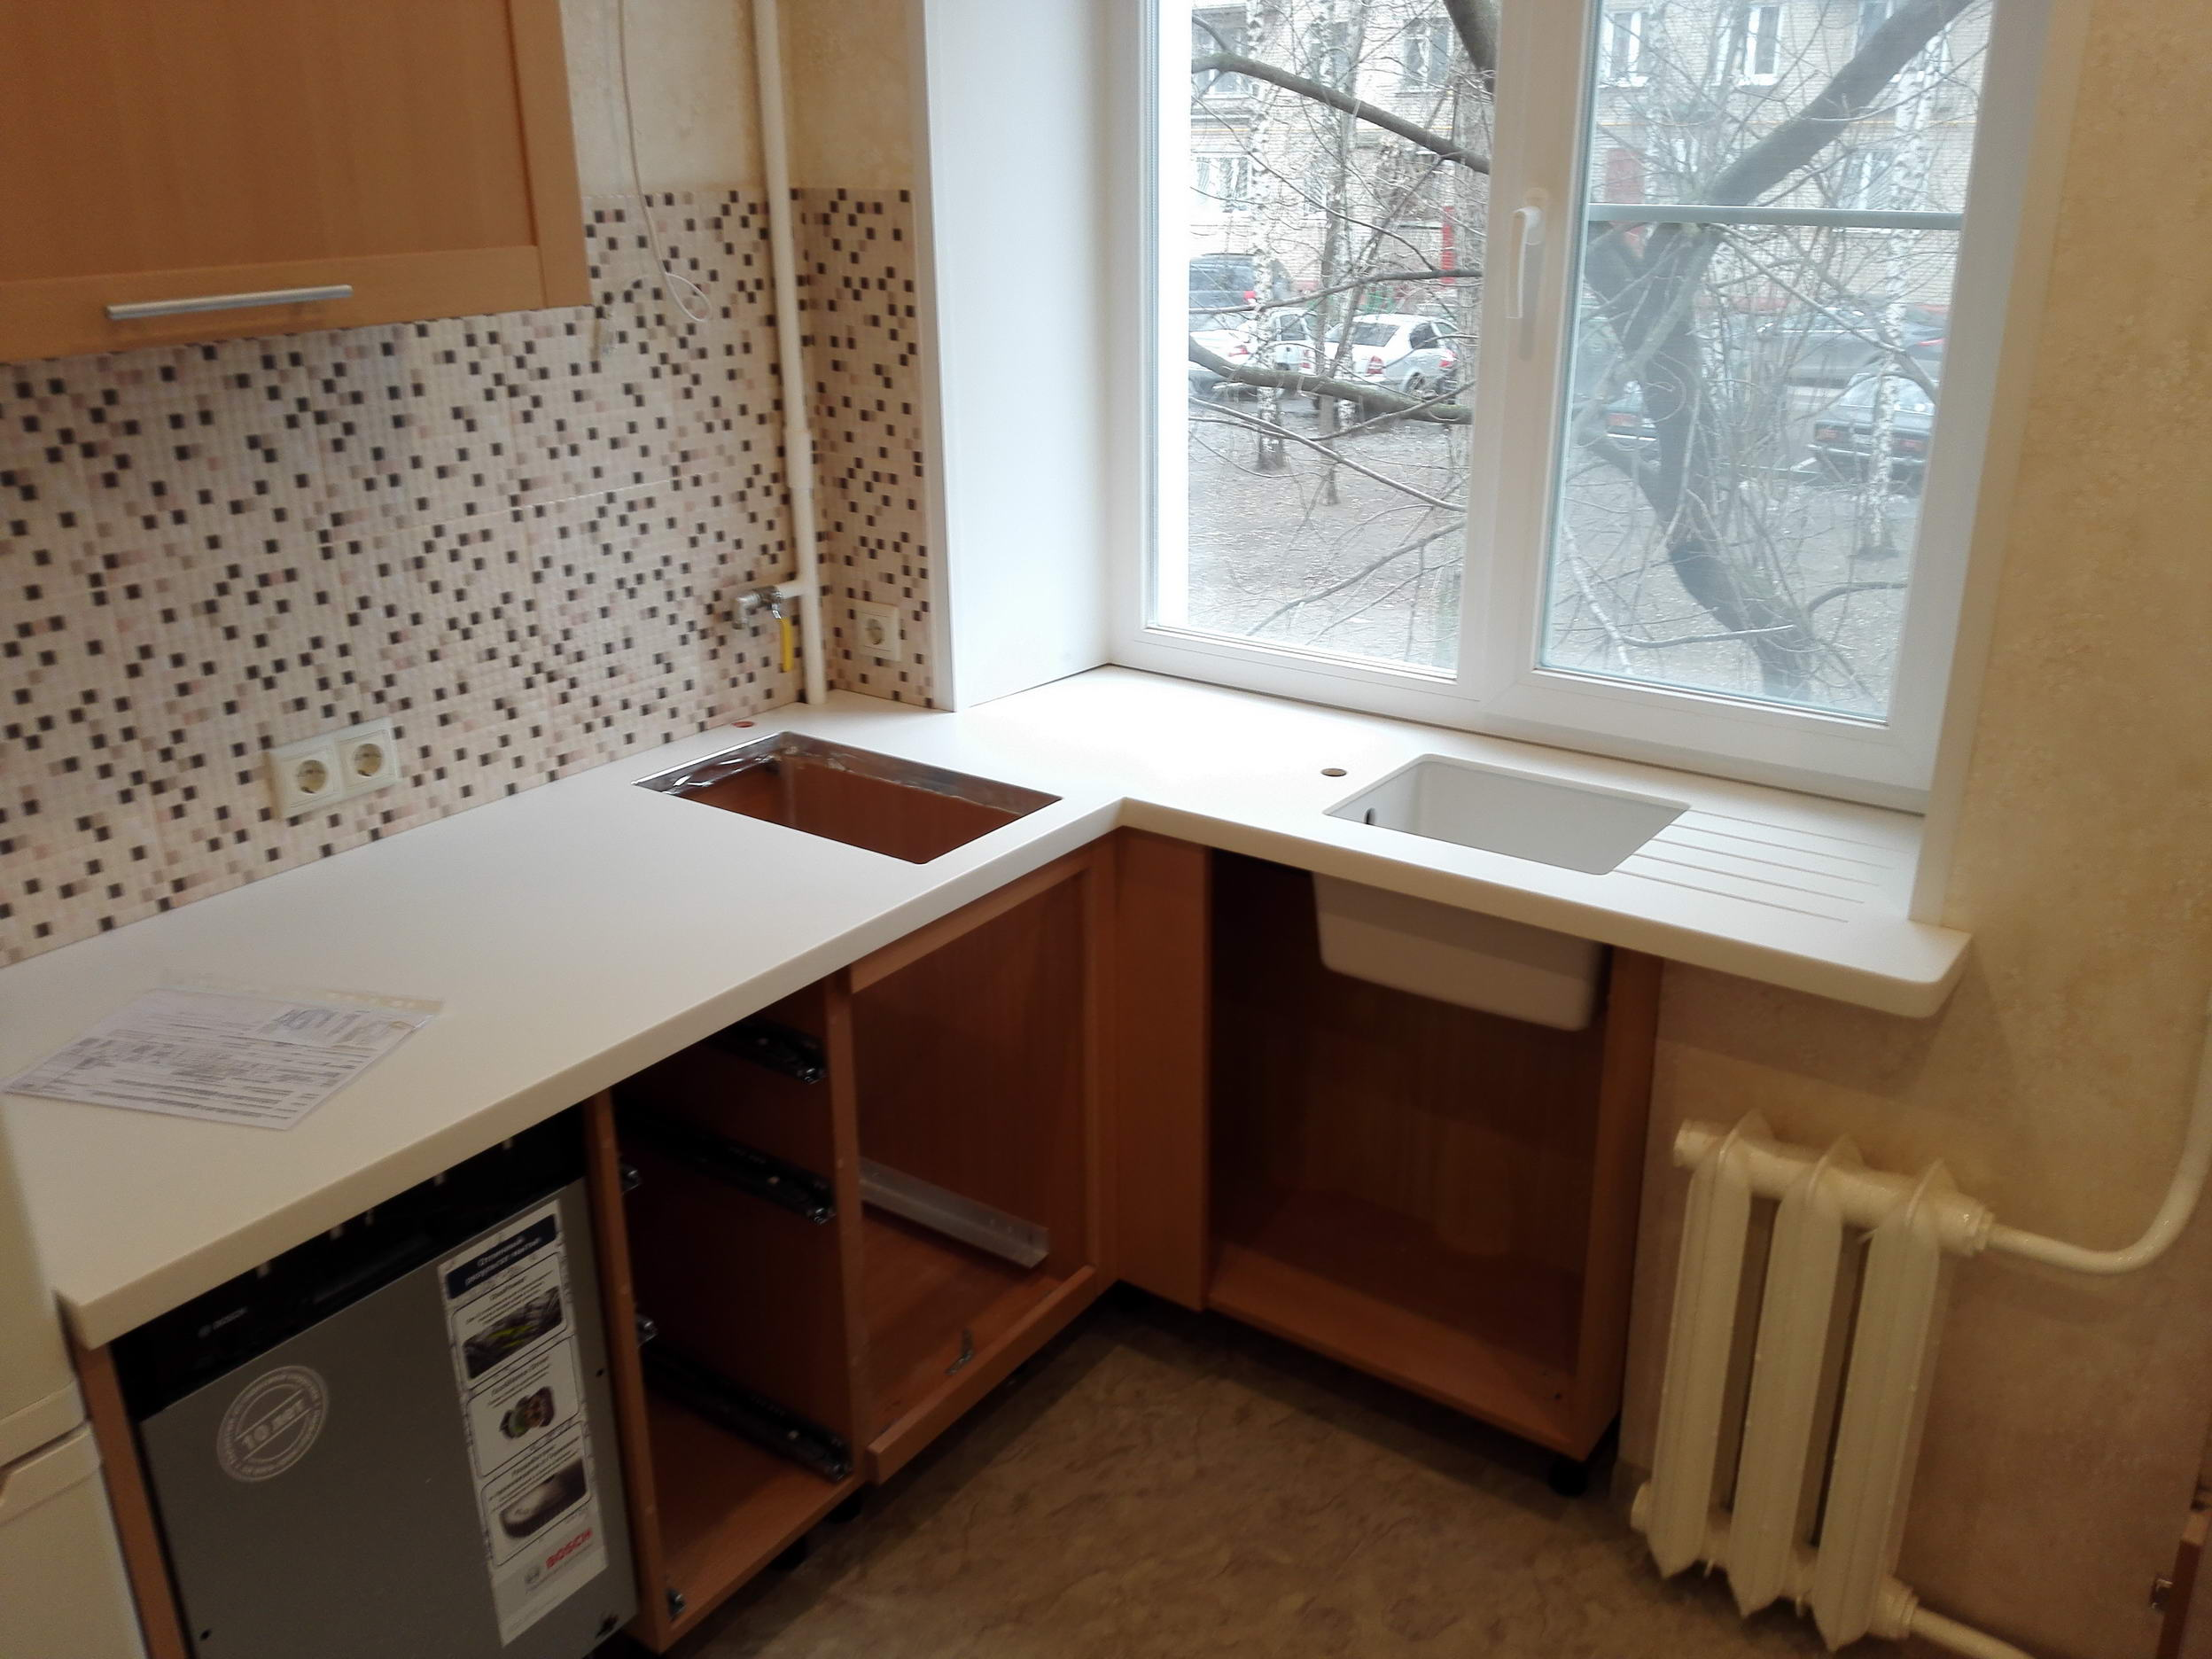 Столешница вместо подоконника на кухне фото